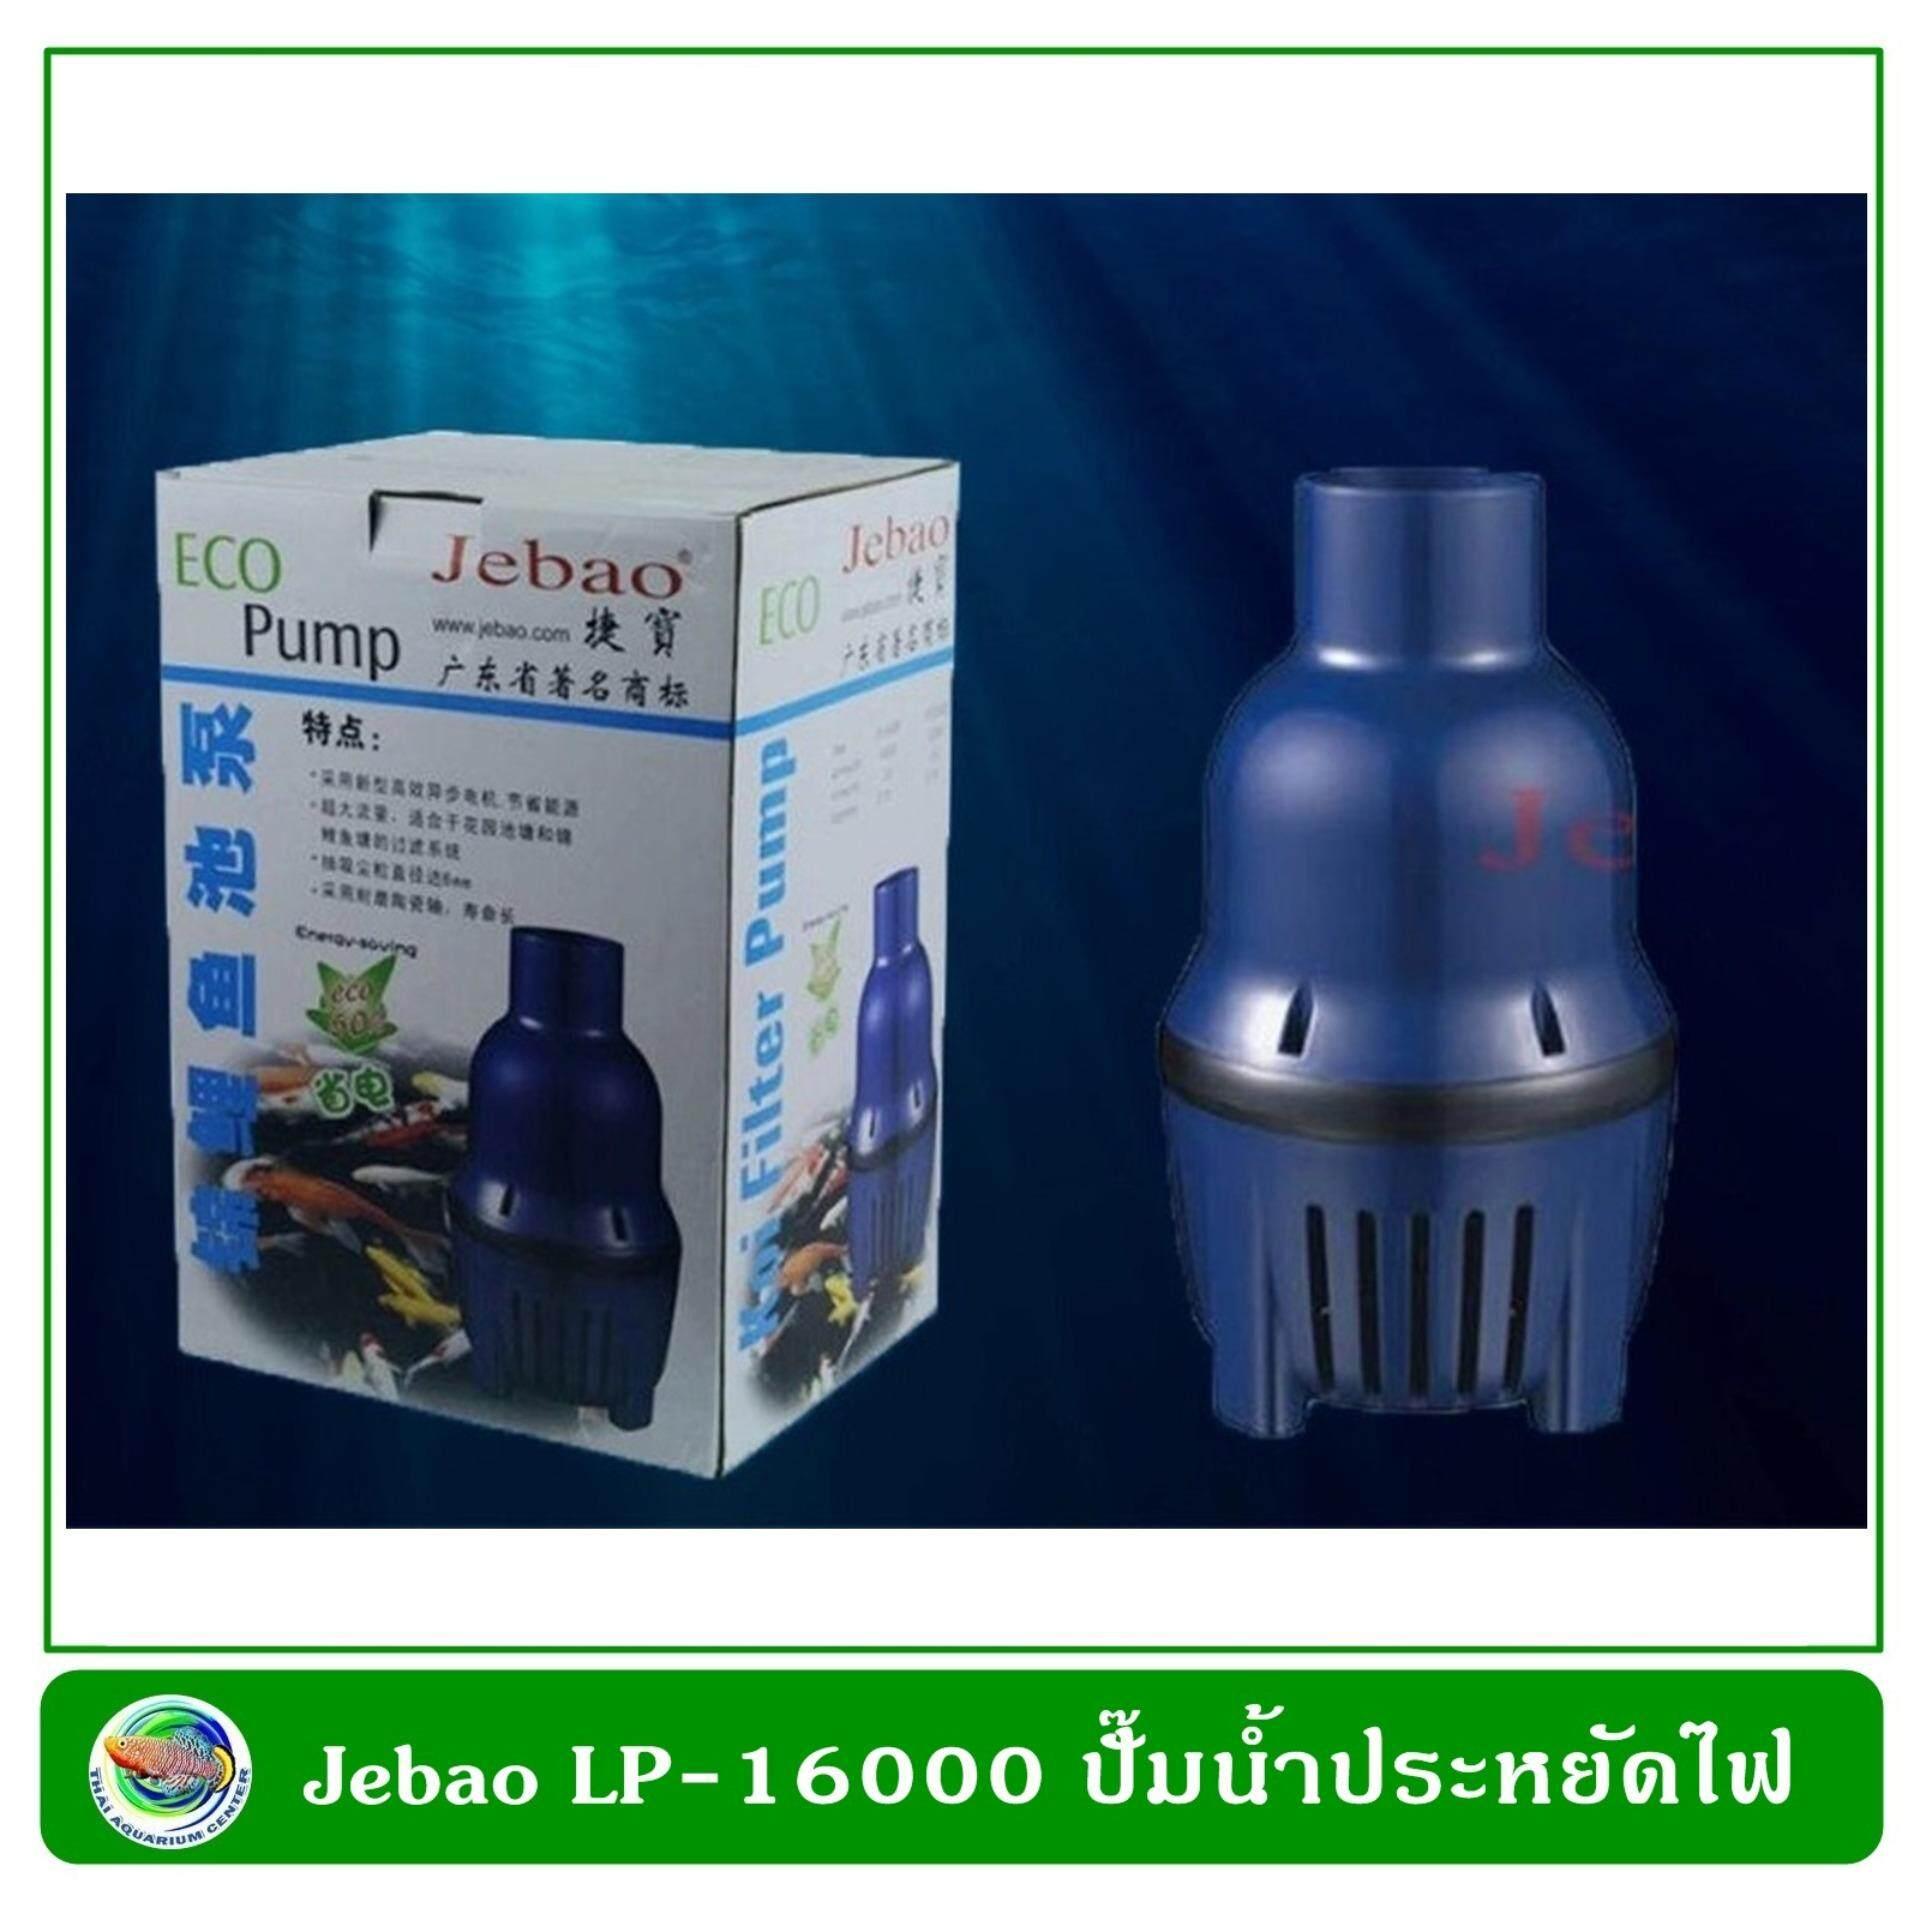 ปั๊มน้ำ ปั๊มแช่ ปั๊มหอยโข่ง Jebao LP-16000 ปั๊มน้ำประหยัดไฟ 100 W ปั๊มน้ำได้ 16,000 L/Hr